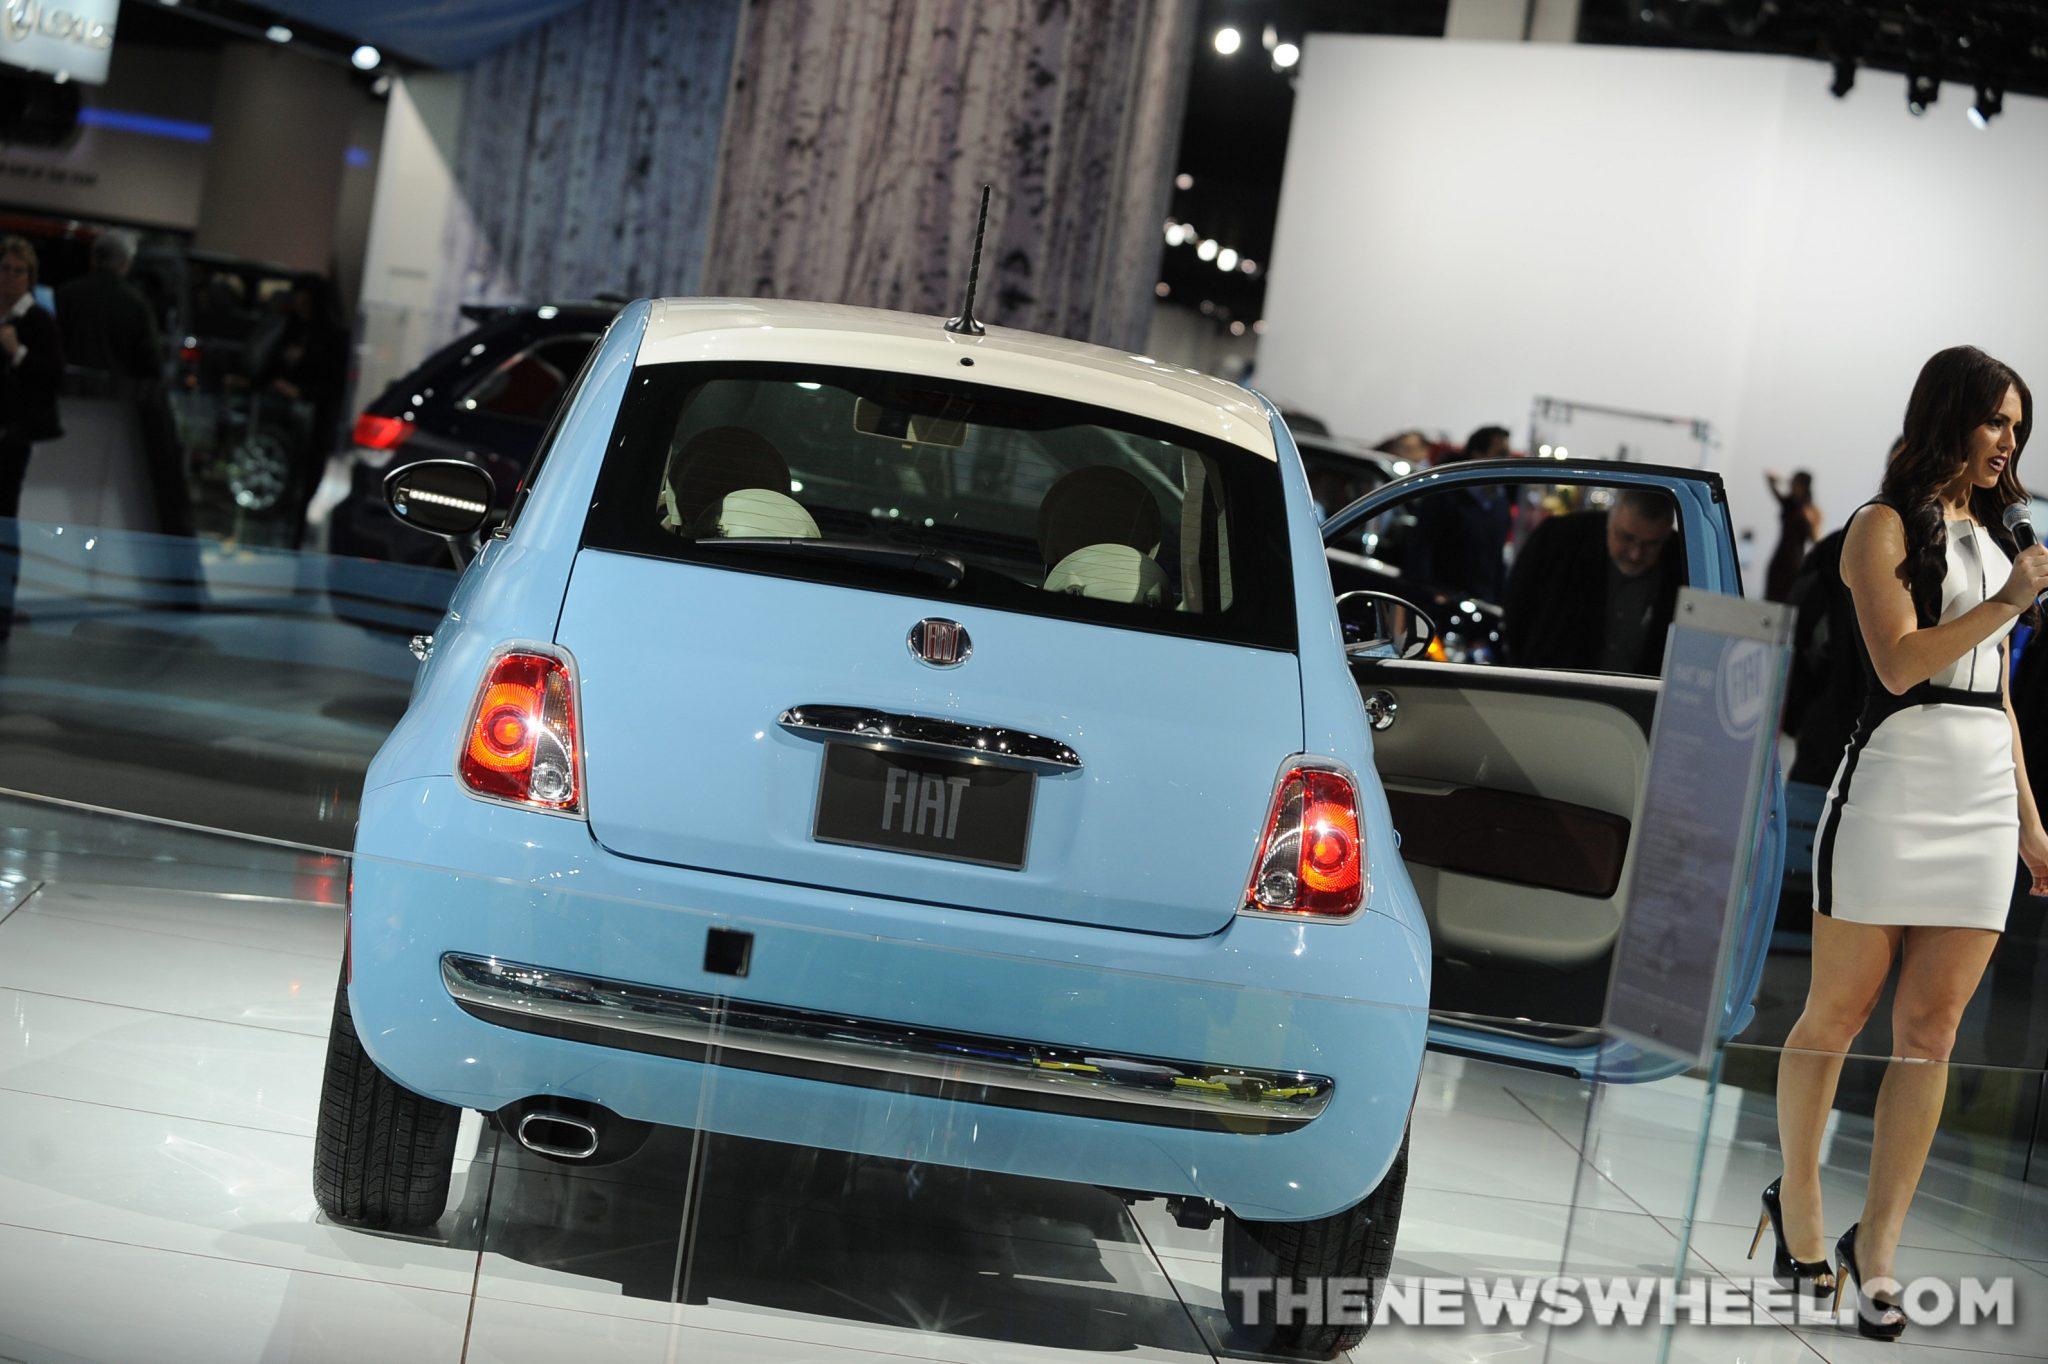 Chrysler NAIAS Display: Fiat NAIAS